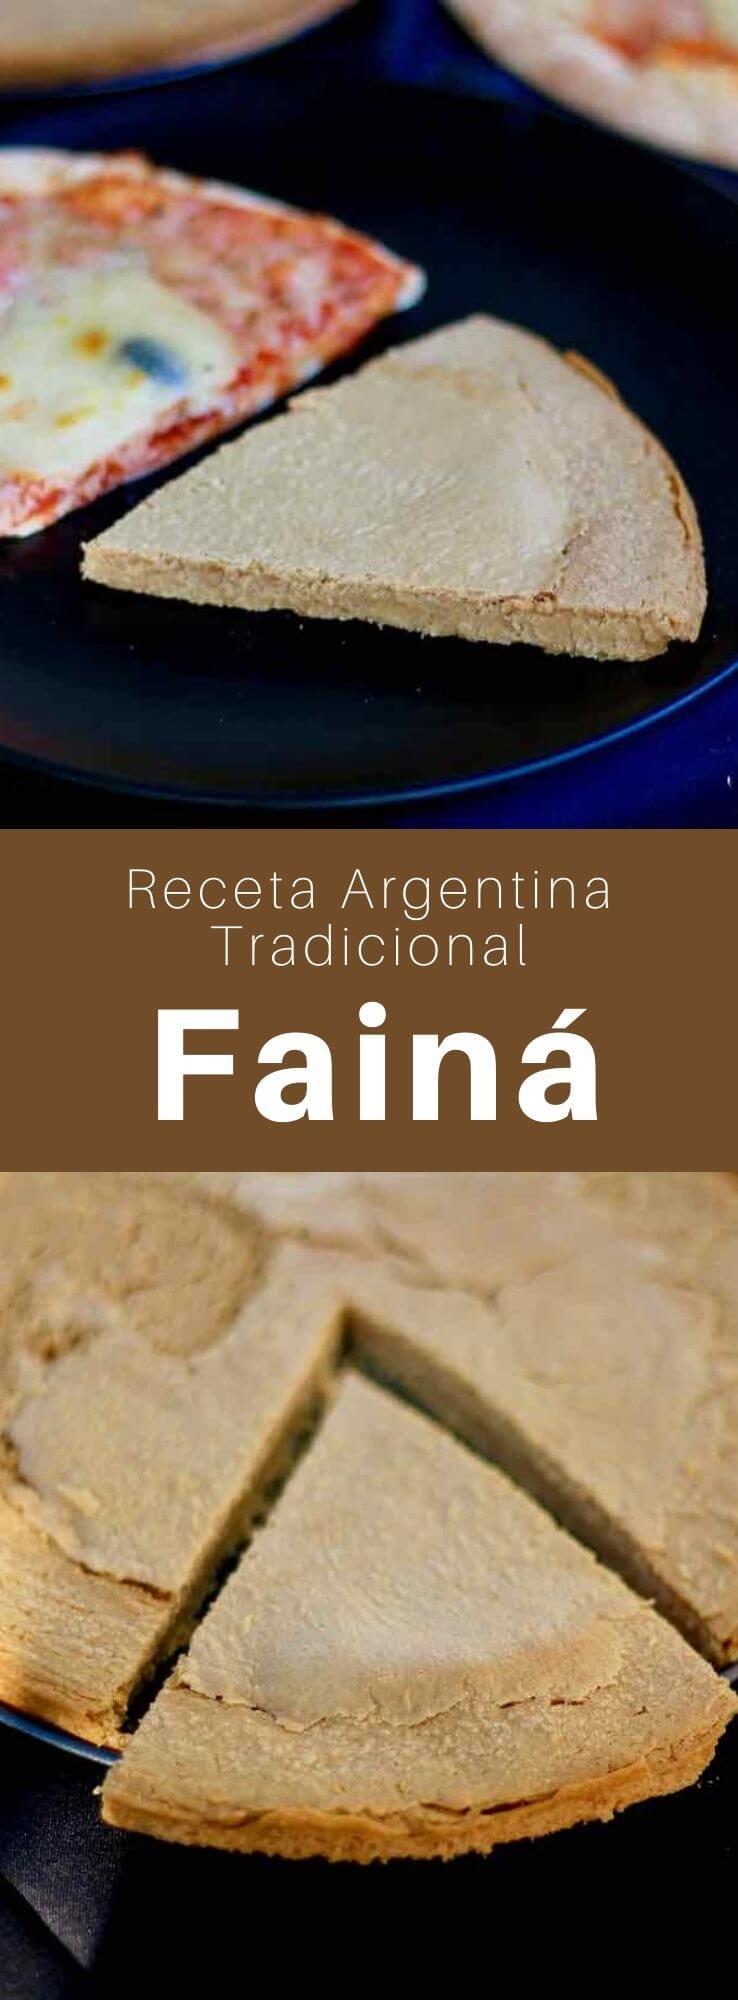 La fainá es un pan plano de harina de garbanzo, popular en Argentina y Uruguay, heredado de la farinata italiana y similar a la socca de Niza.